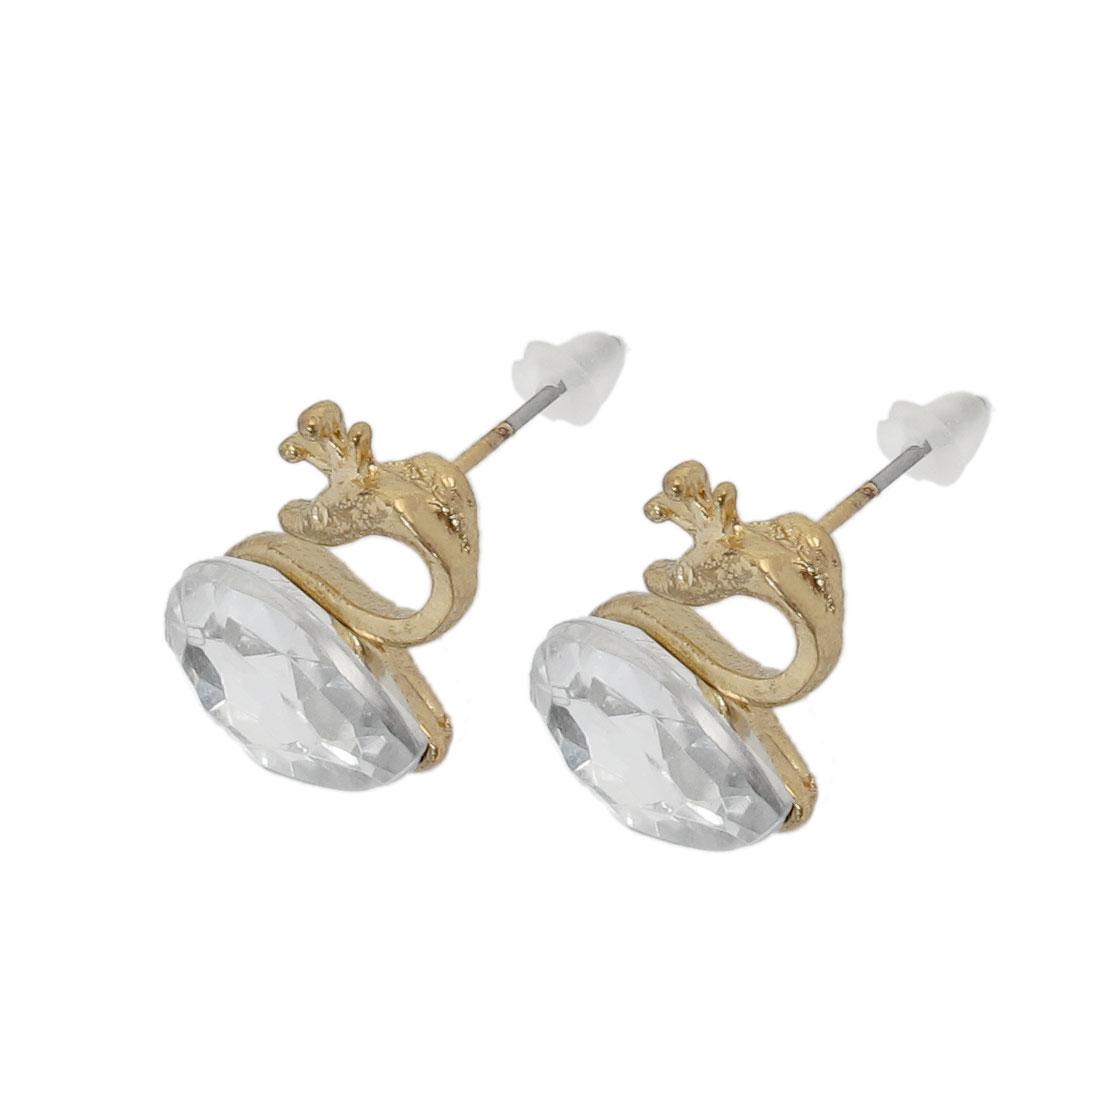 Women Pair Metal Golden Tone Swan Accent Ear Stud Earrings